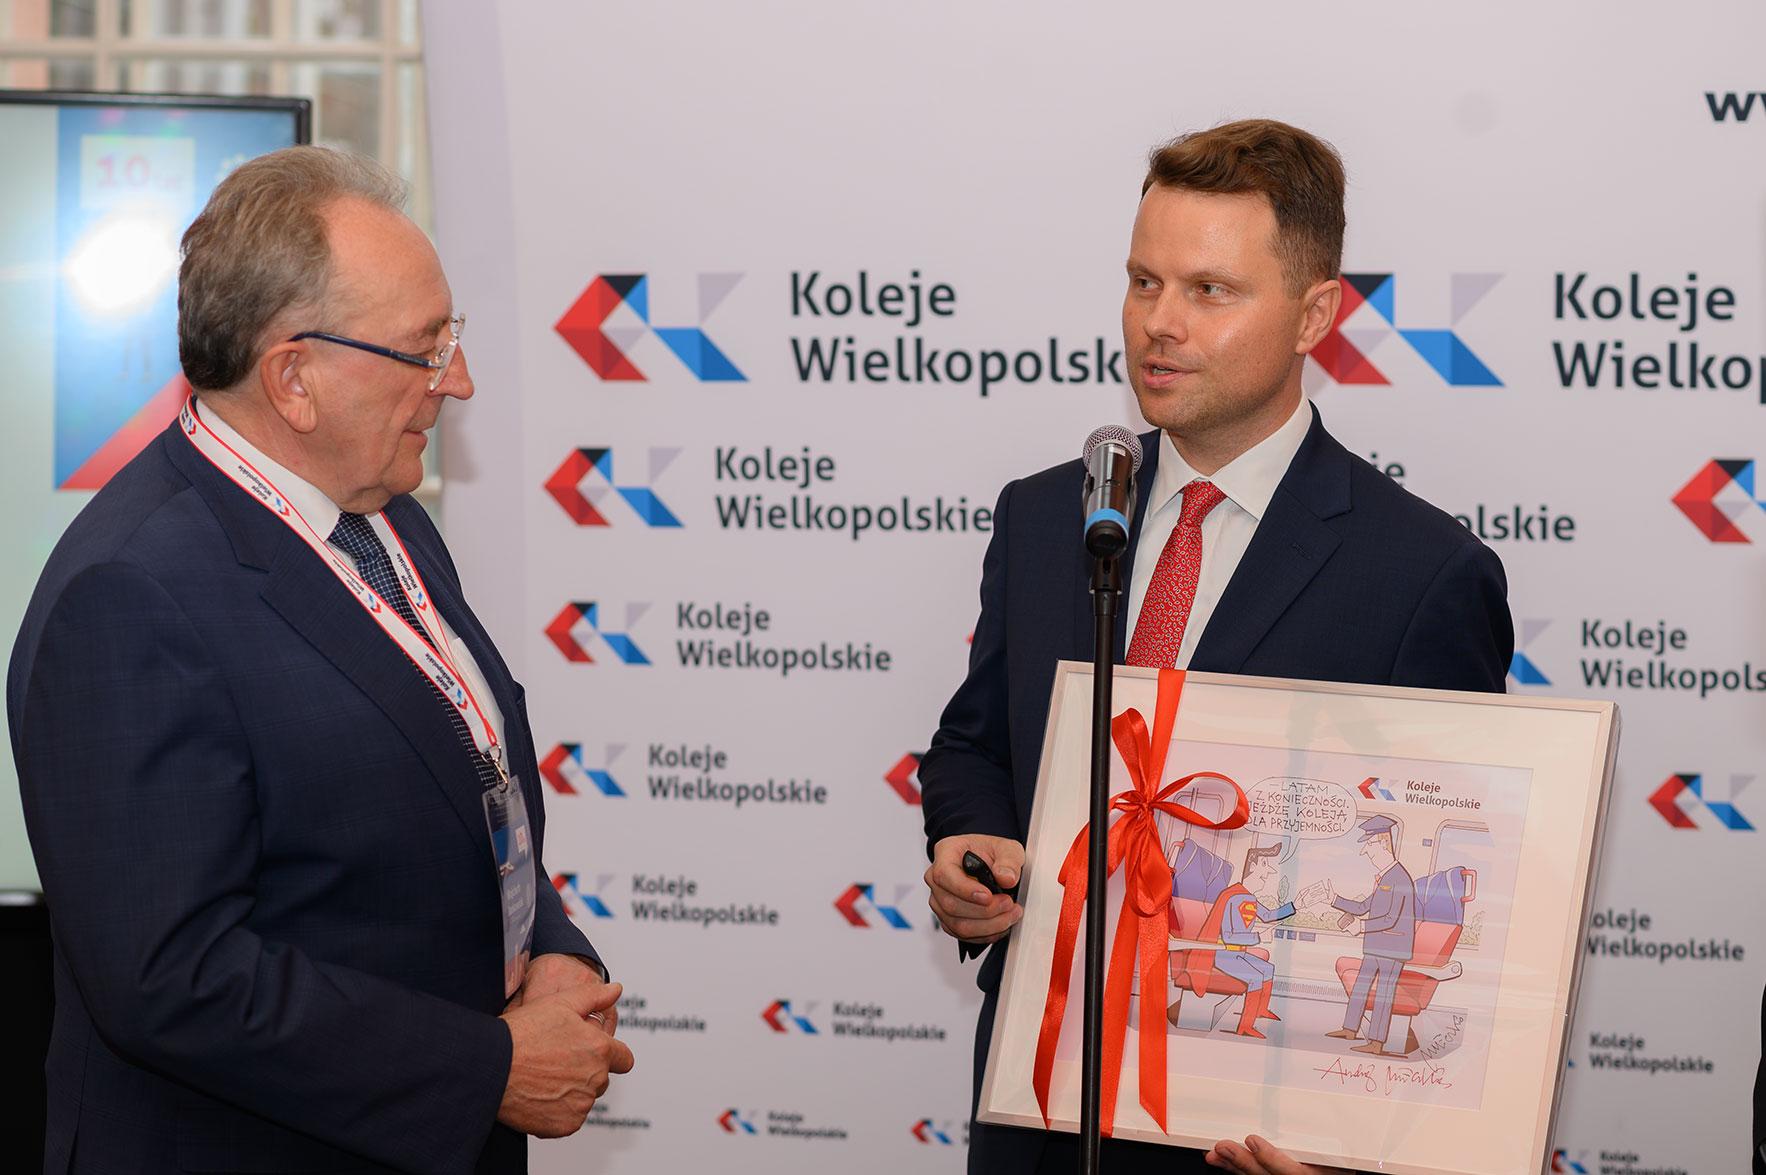 Wiceprezes wręcza obraz Wicemarszałkowi Województwa